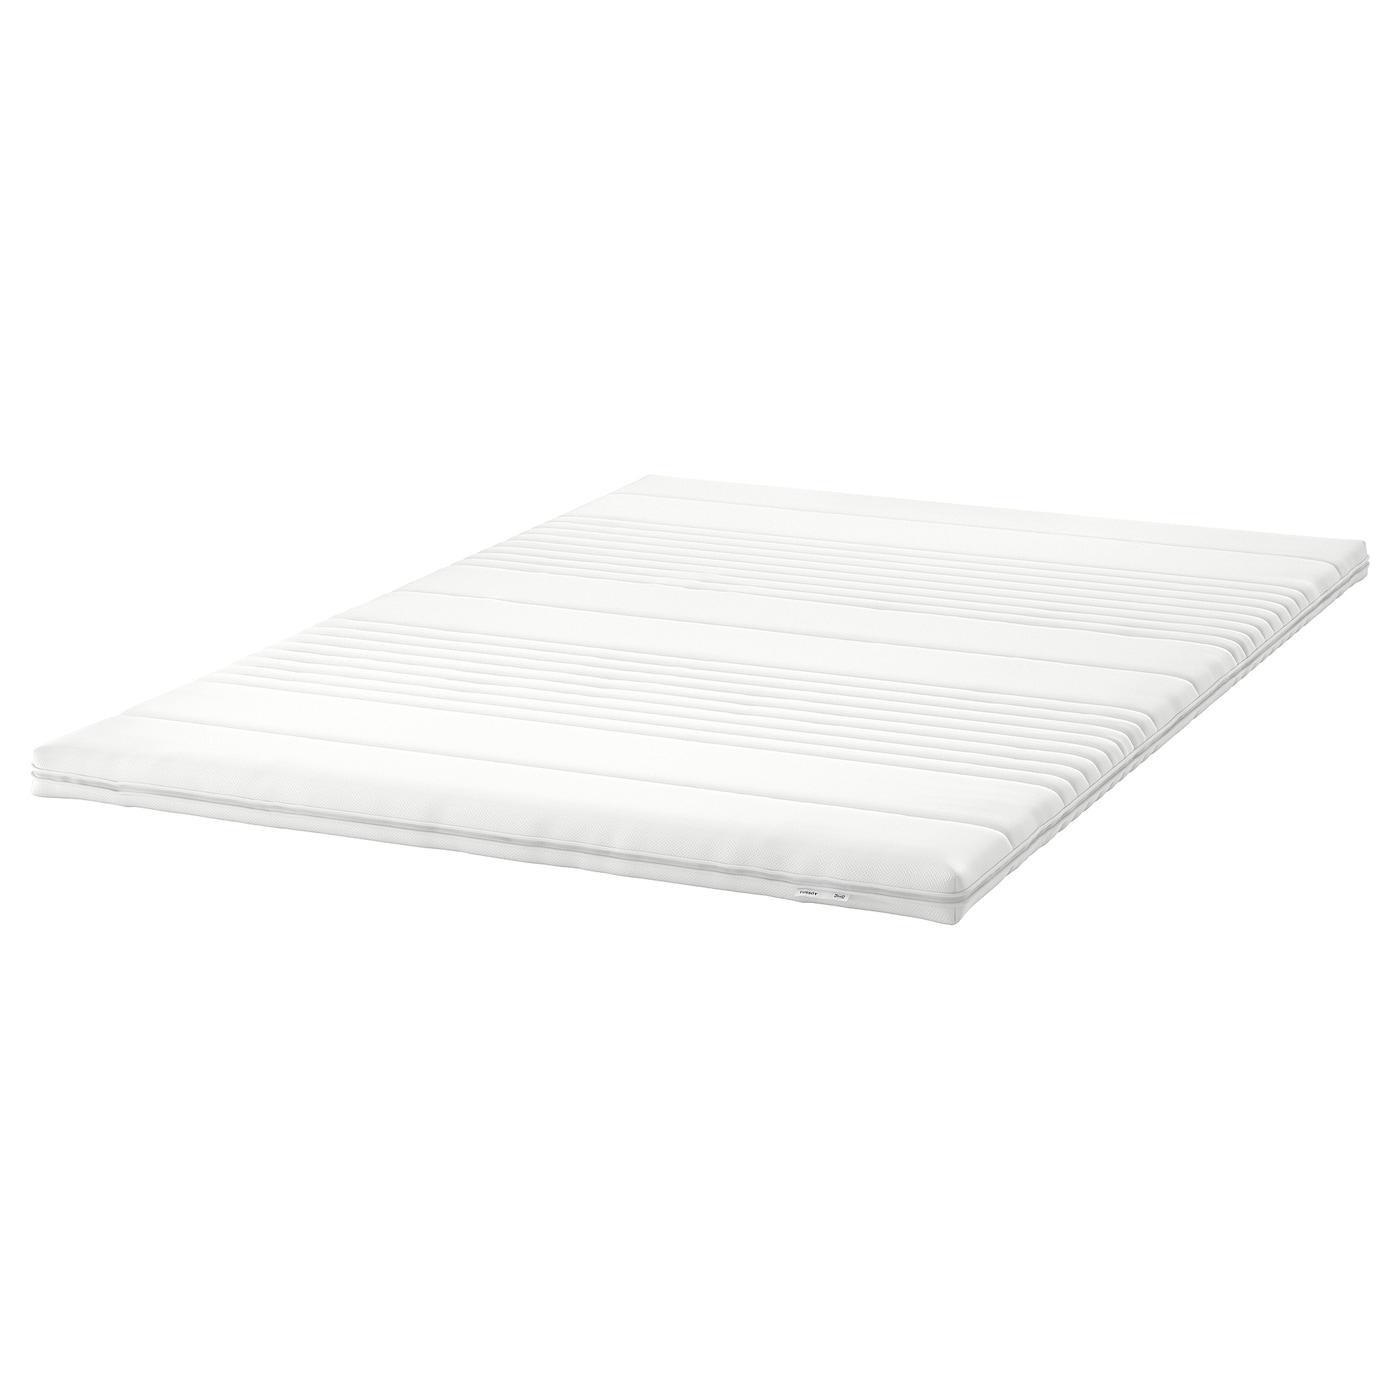 Tussoy Surmatelas Blanc 140x200 Cm Ikea